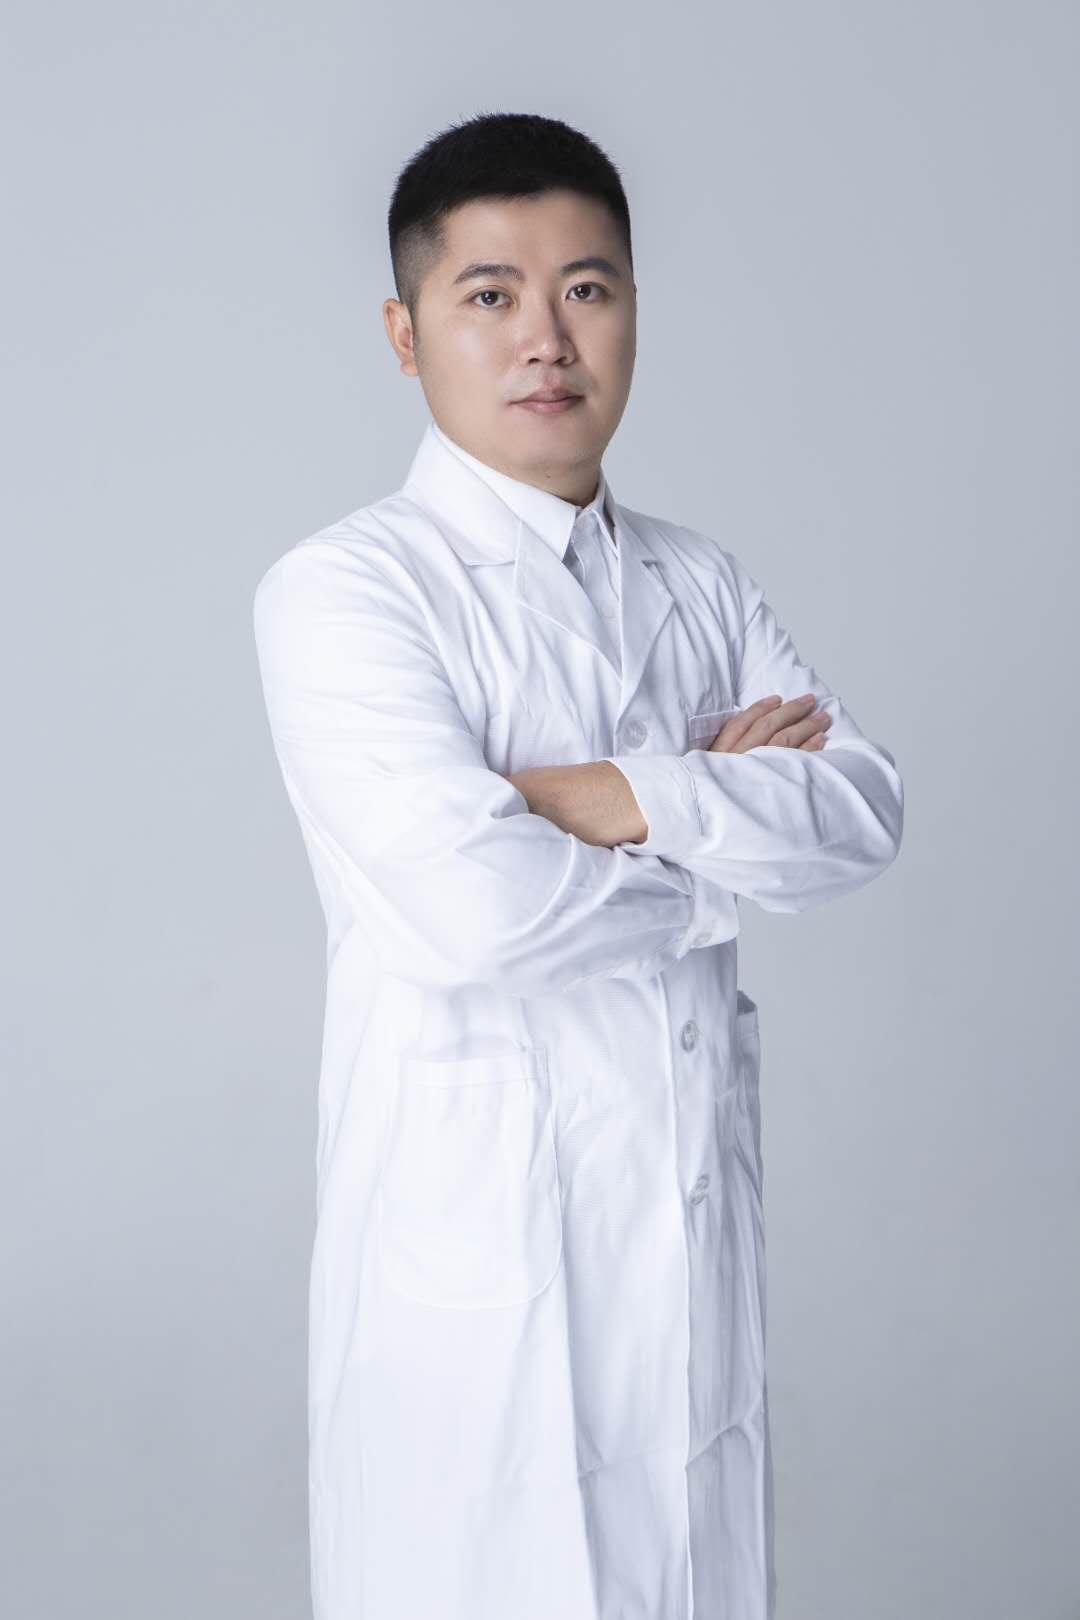 付文军医生